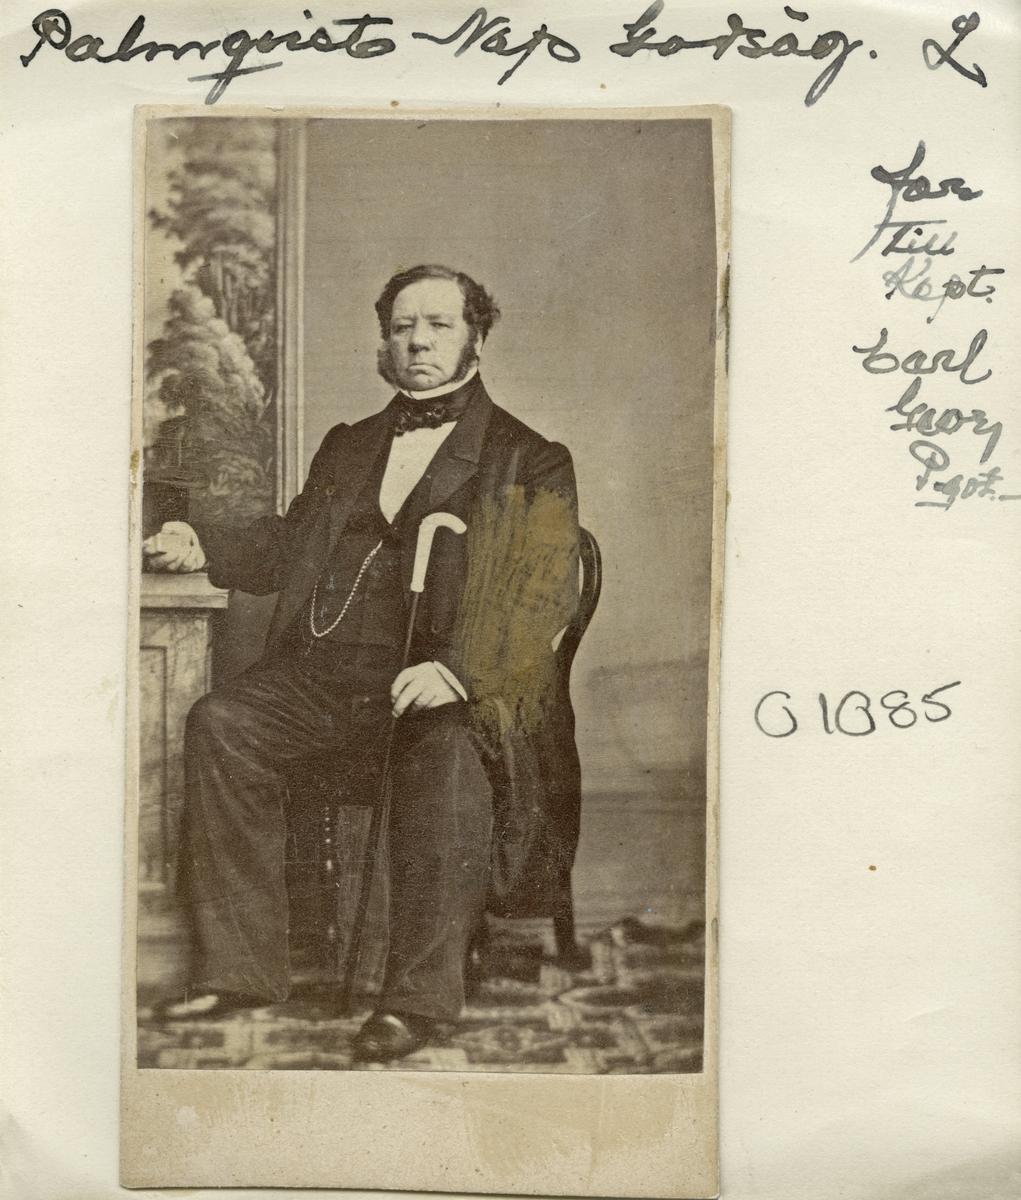 Porträtt av baron och löjtnant Napoleon Palmqvist. Född på Adelsö 1804 inflyttade han till Åsbo i Östergötland från Västra Ed 1843. Året därpå inköpte han Marks frälsesäteri i Veta socken, vilket blev hans boställe till sin död 1882. Från 1838 var han gift med Hedvig af Burén.